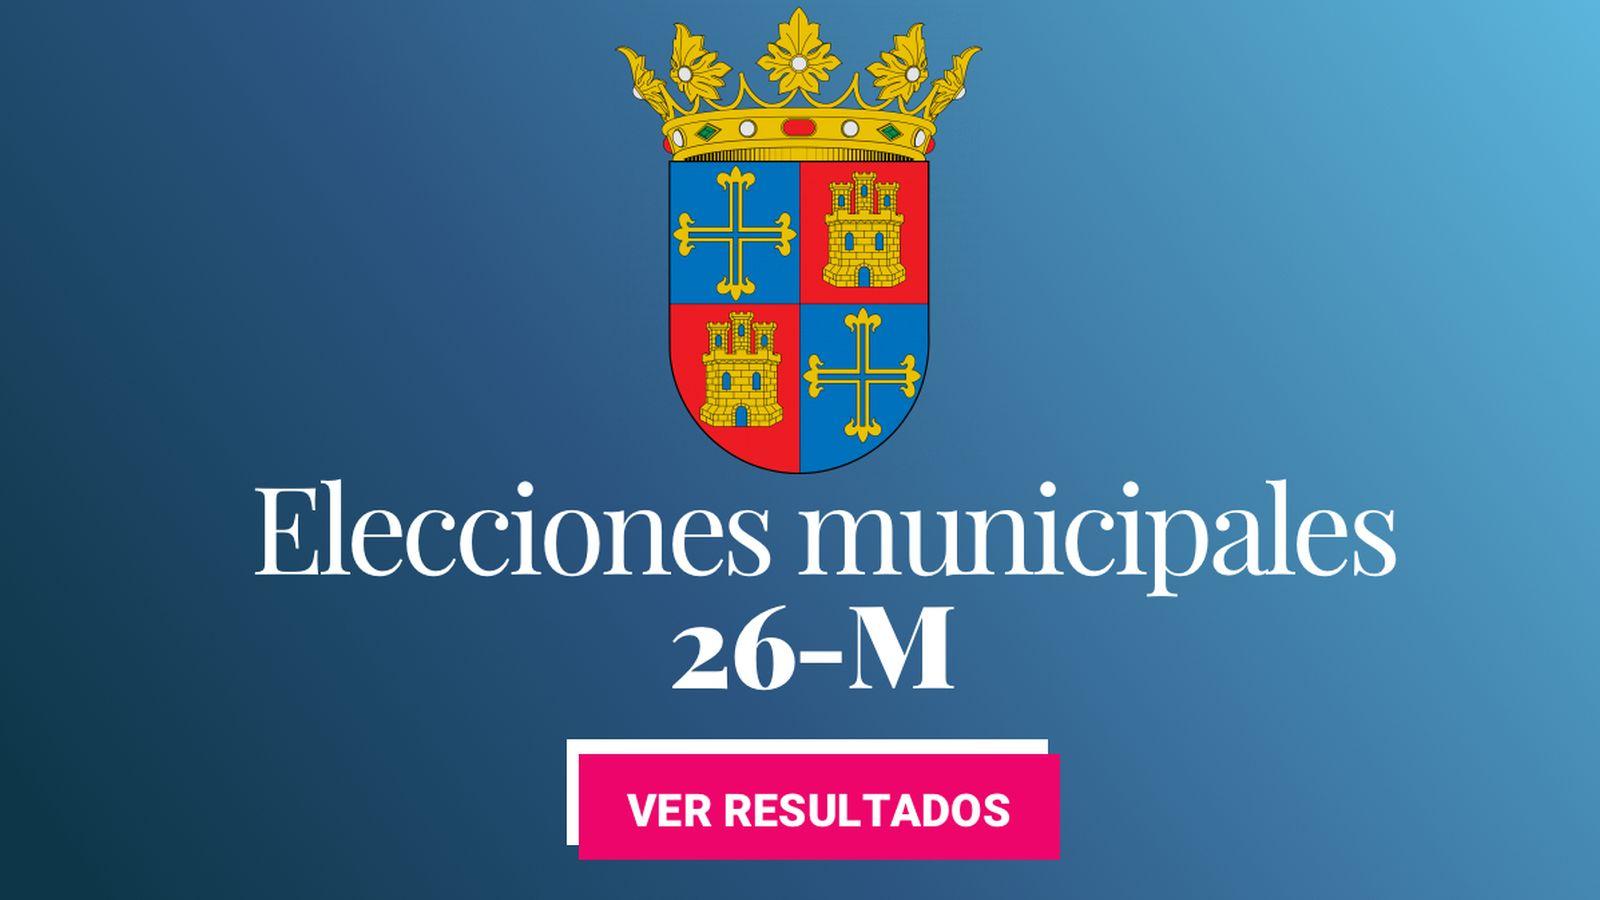 Foto: Elecciones municipales 2019 en Palencia. (C.C./EC)